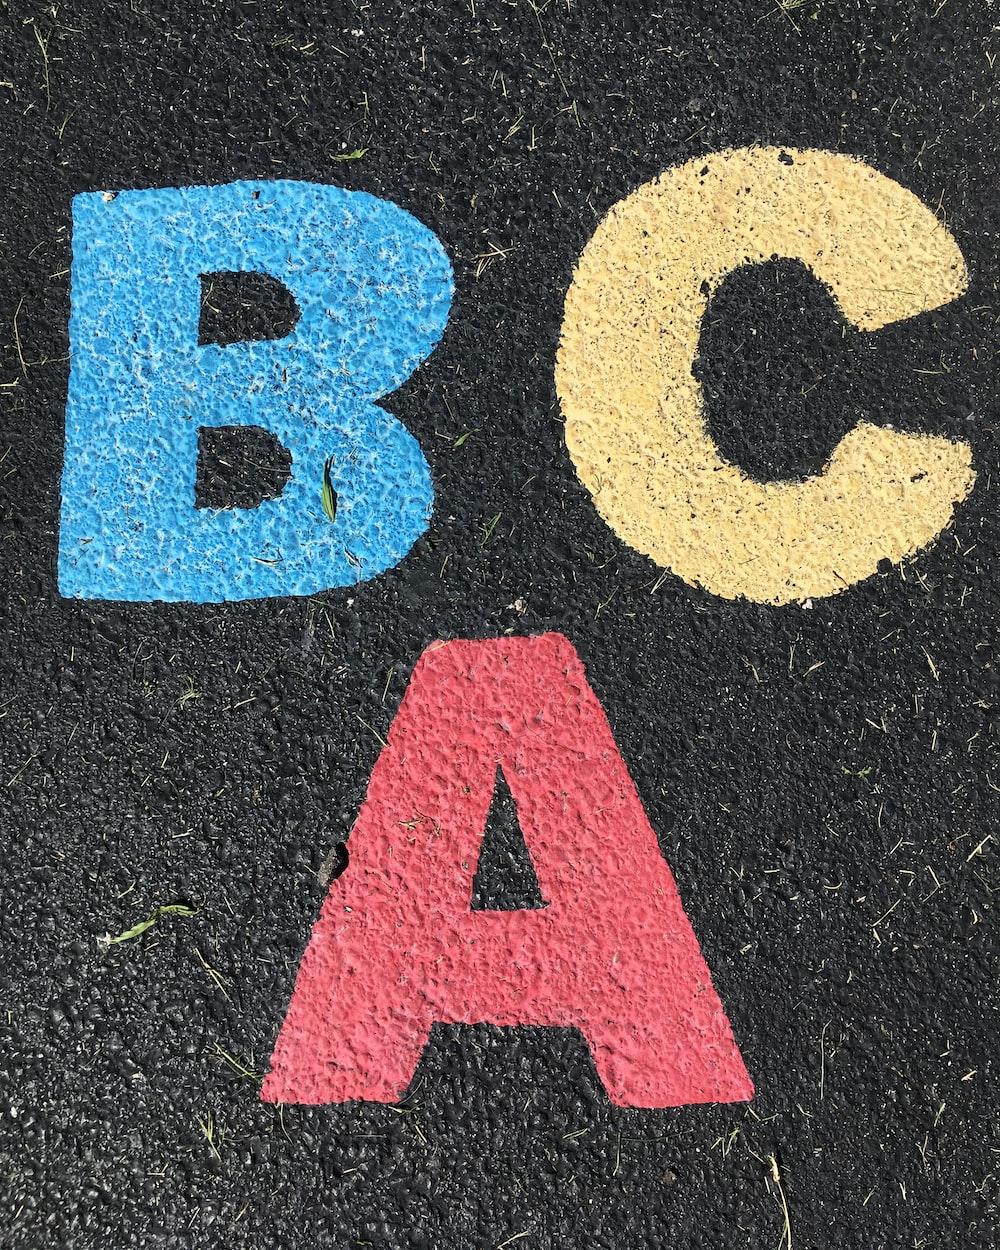 BCA text